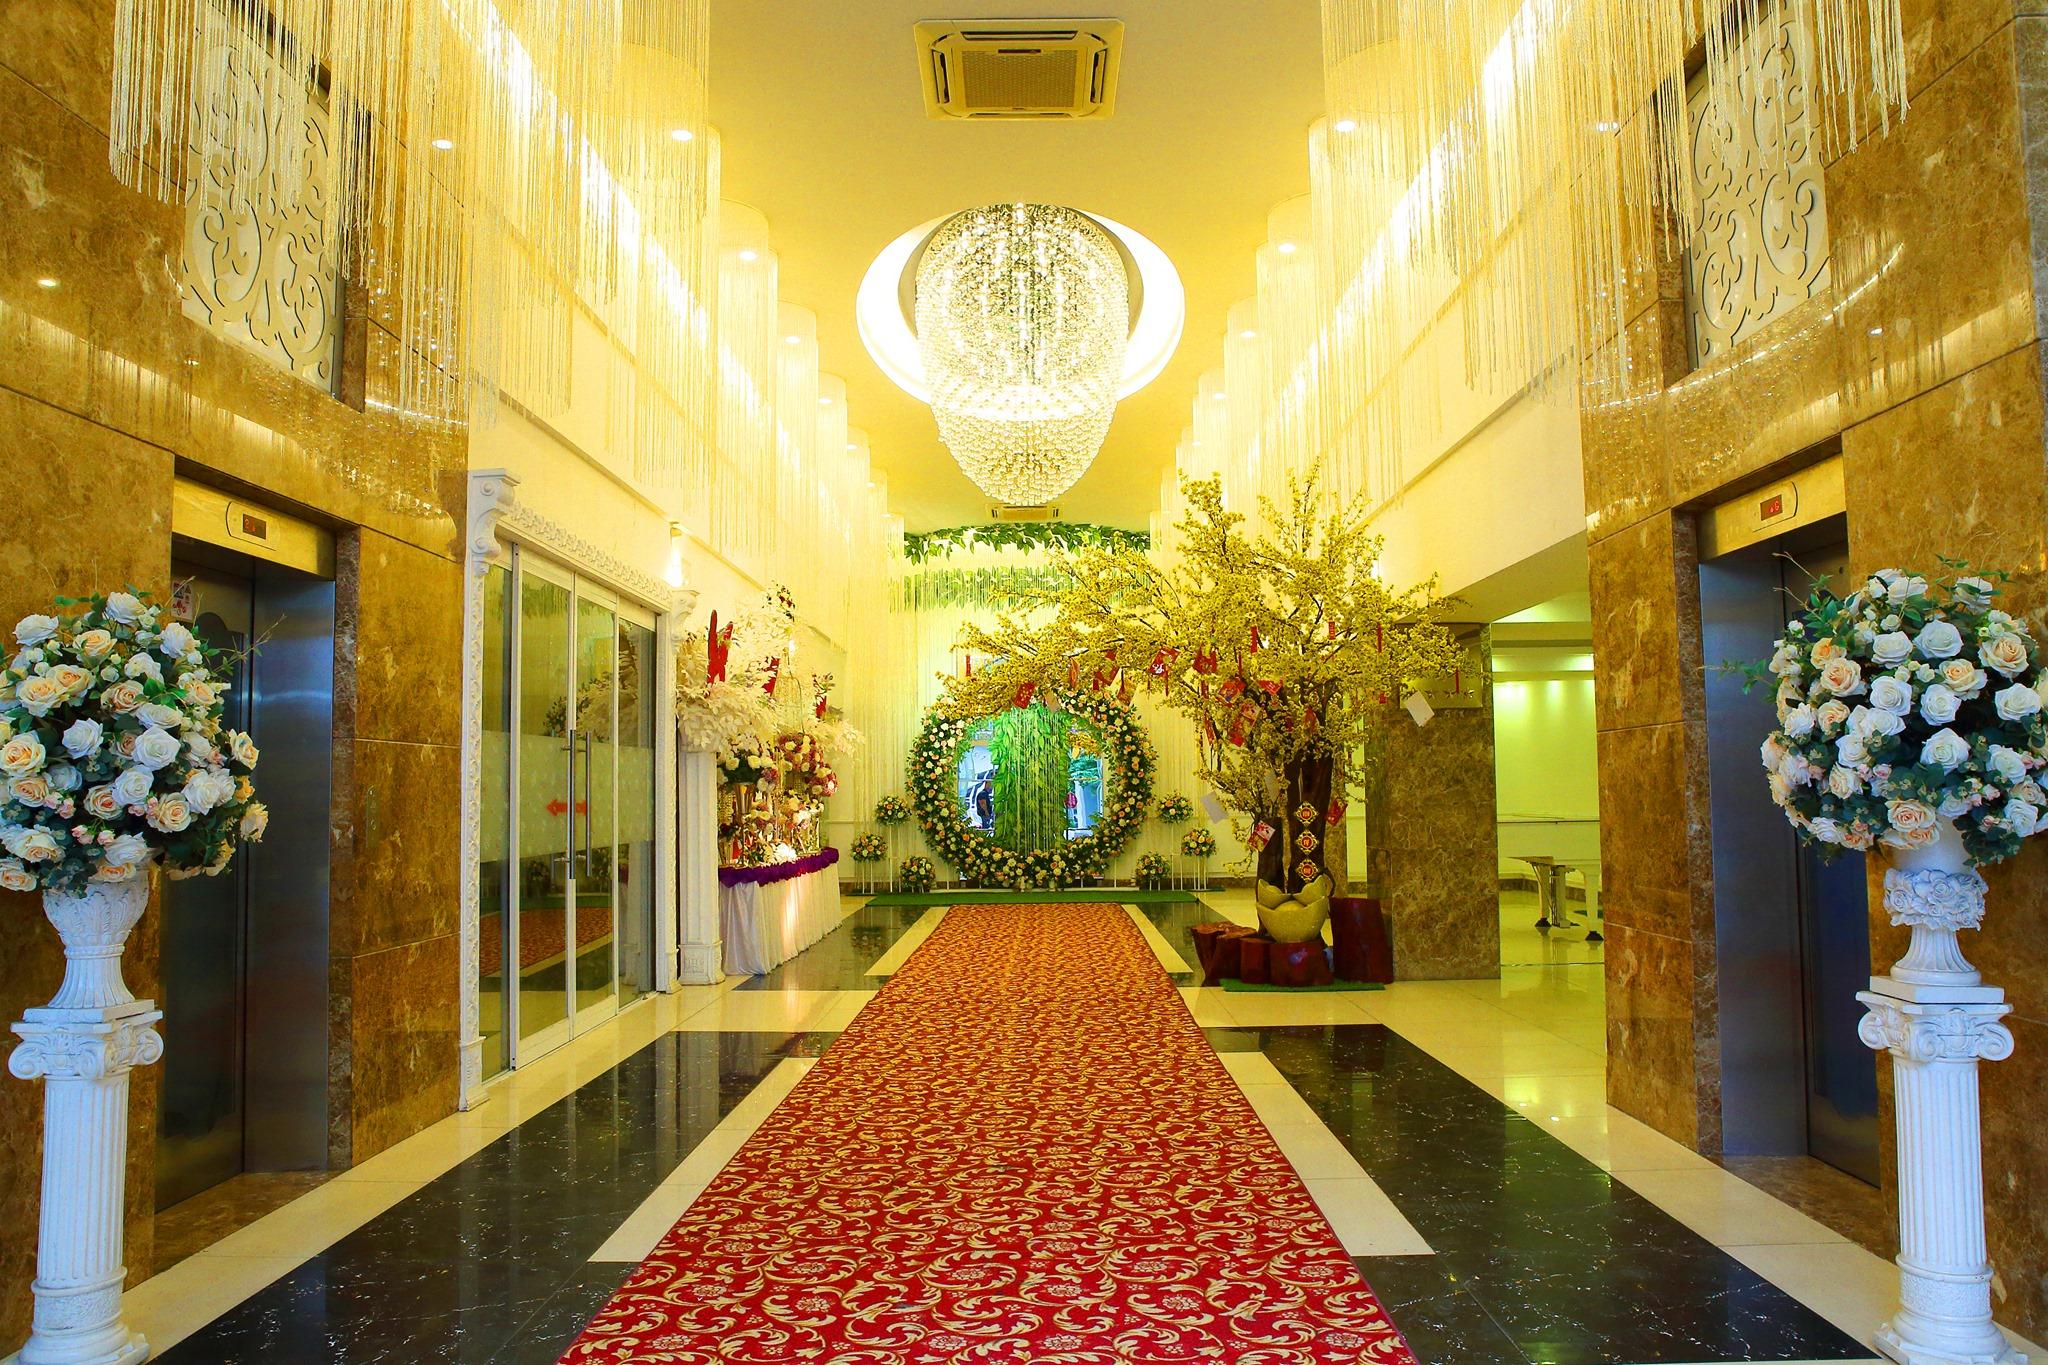 Trung tâm hội nghị tiệc cưới Vân Nghĩa Marry